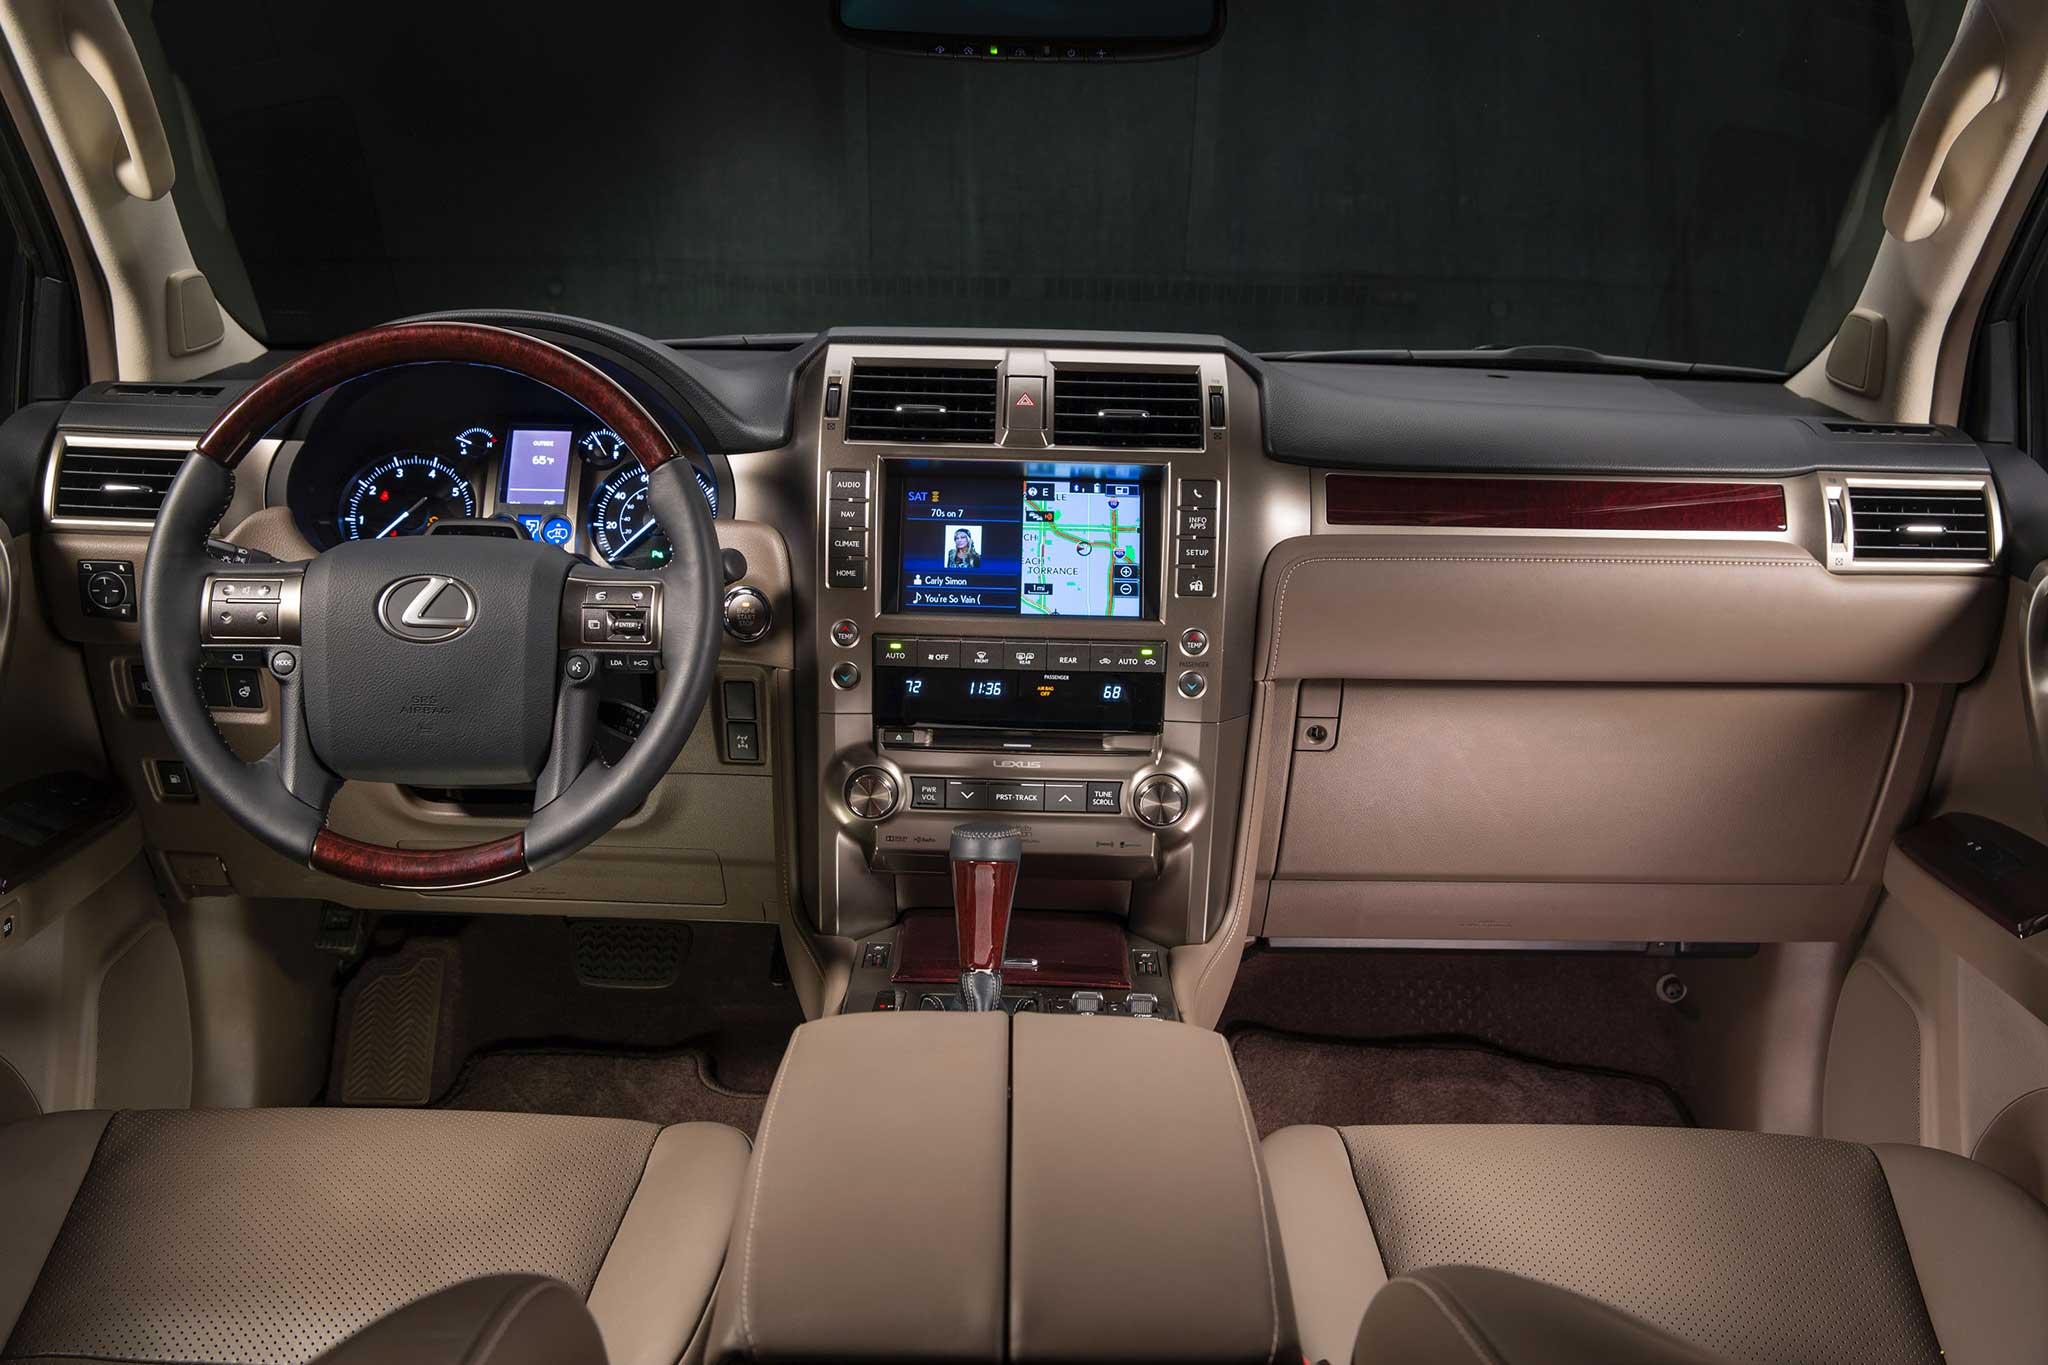 2016 Lexus GX460 Quick Take Review